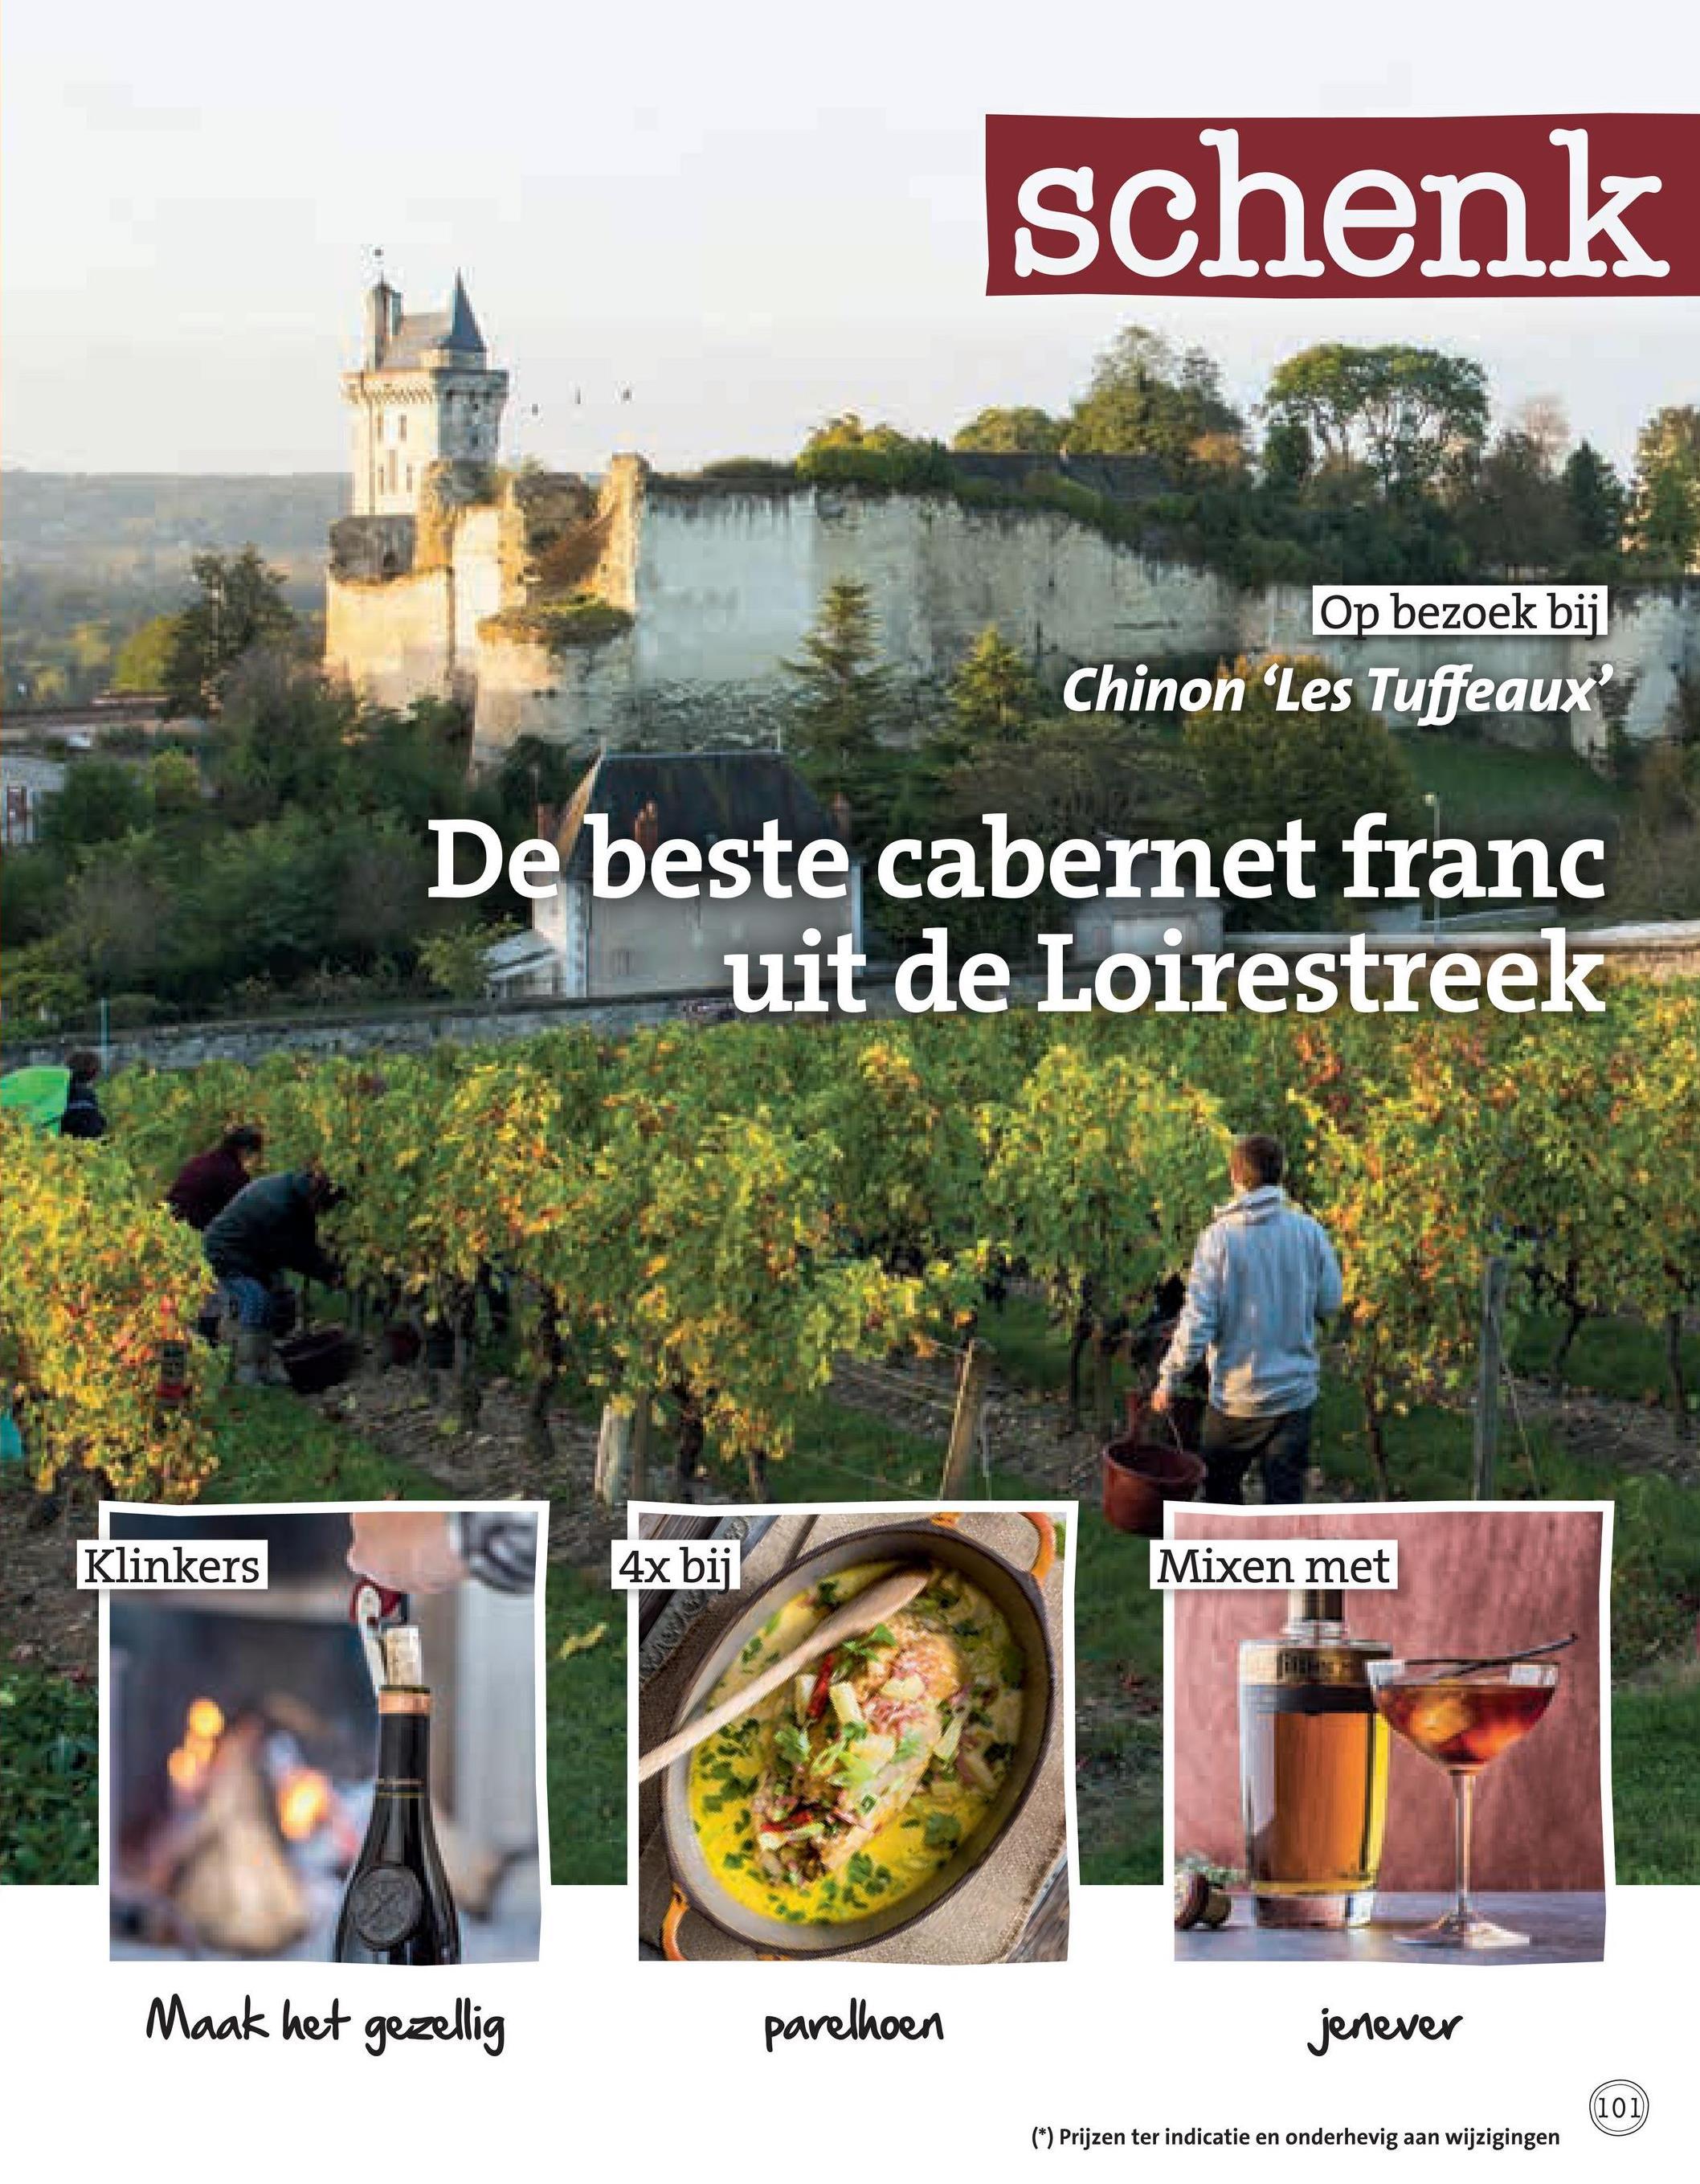 schenk Op bezoek bij Chinon 'Les Tuffeaux - Oppaus De beste cabernet franc uit de Loirestreek Klinkers 4x bij Mixen met Maak het gezellig parelhoen jenever (101) (*) Prijzen ter indicatie en onderhevig aan wijzigingen